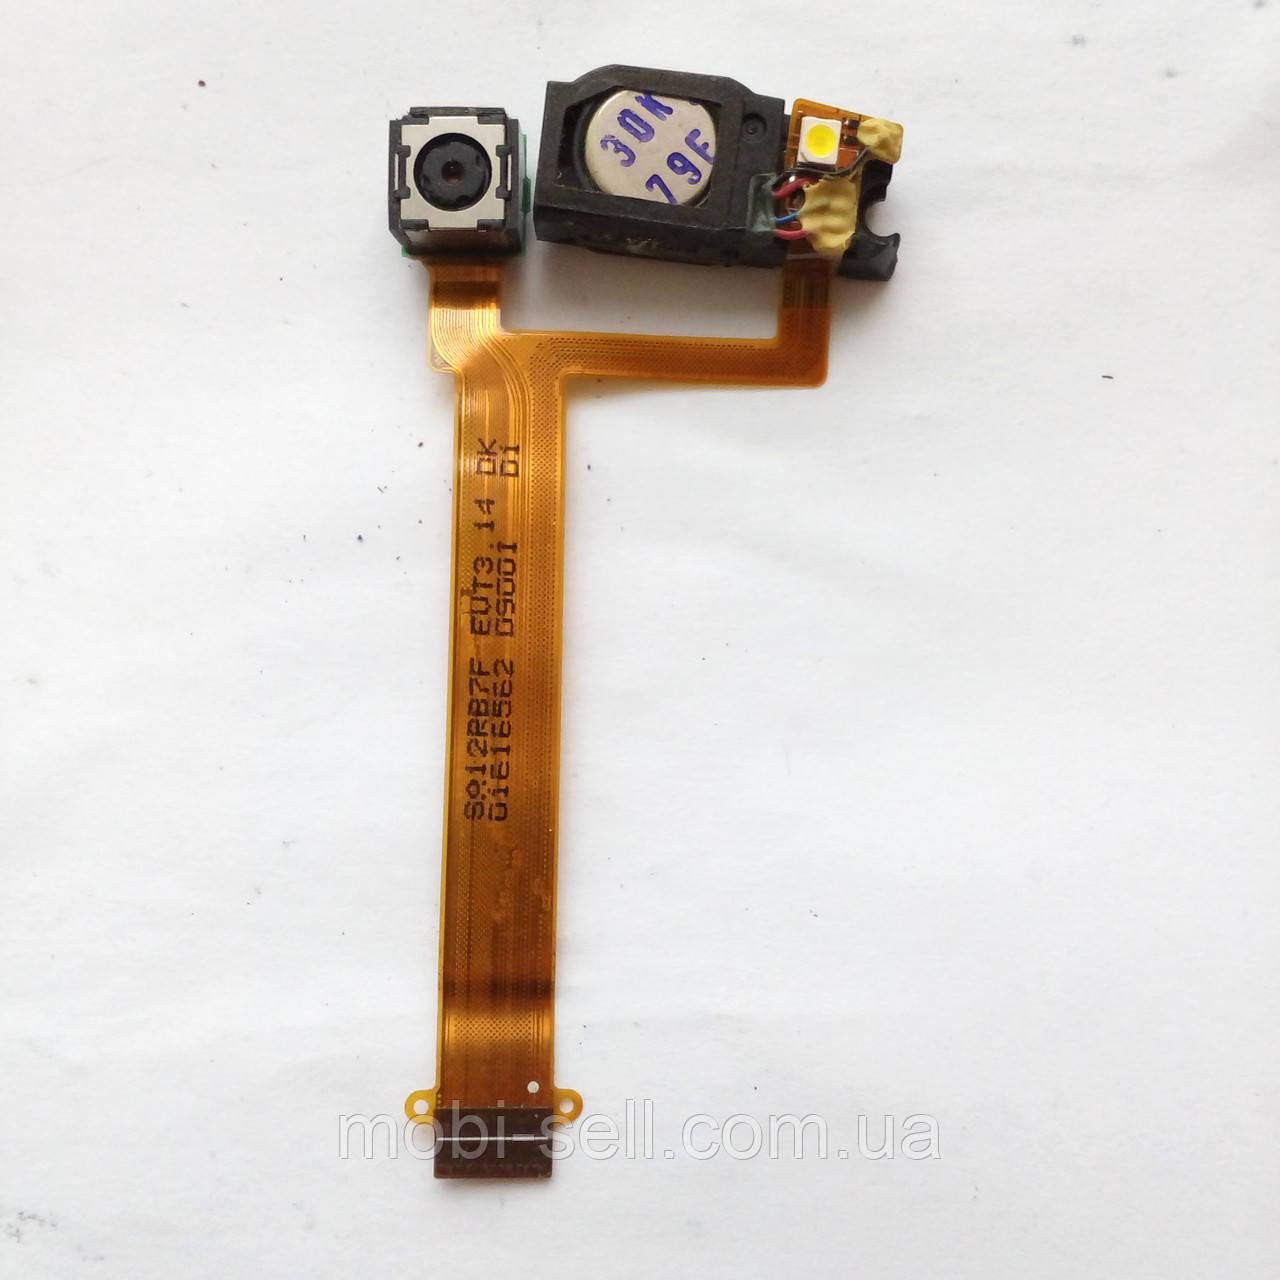 Камера 3.2 Мп для Samsung D900i с динамиком и вспышкой на шлейфе p.n.: SA122B7F EVT3.14 DK